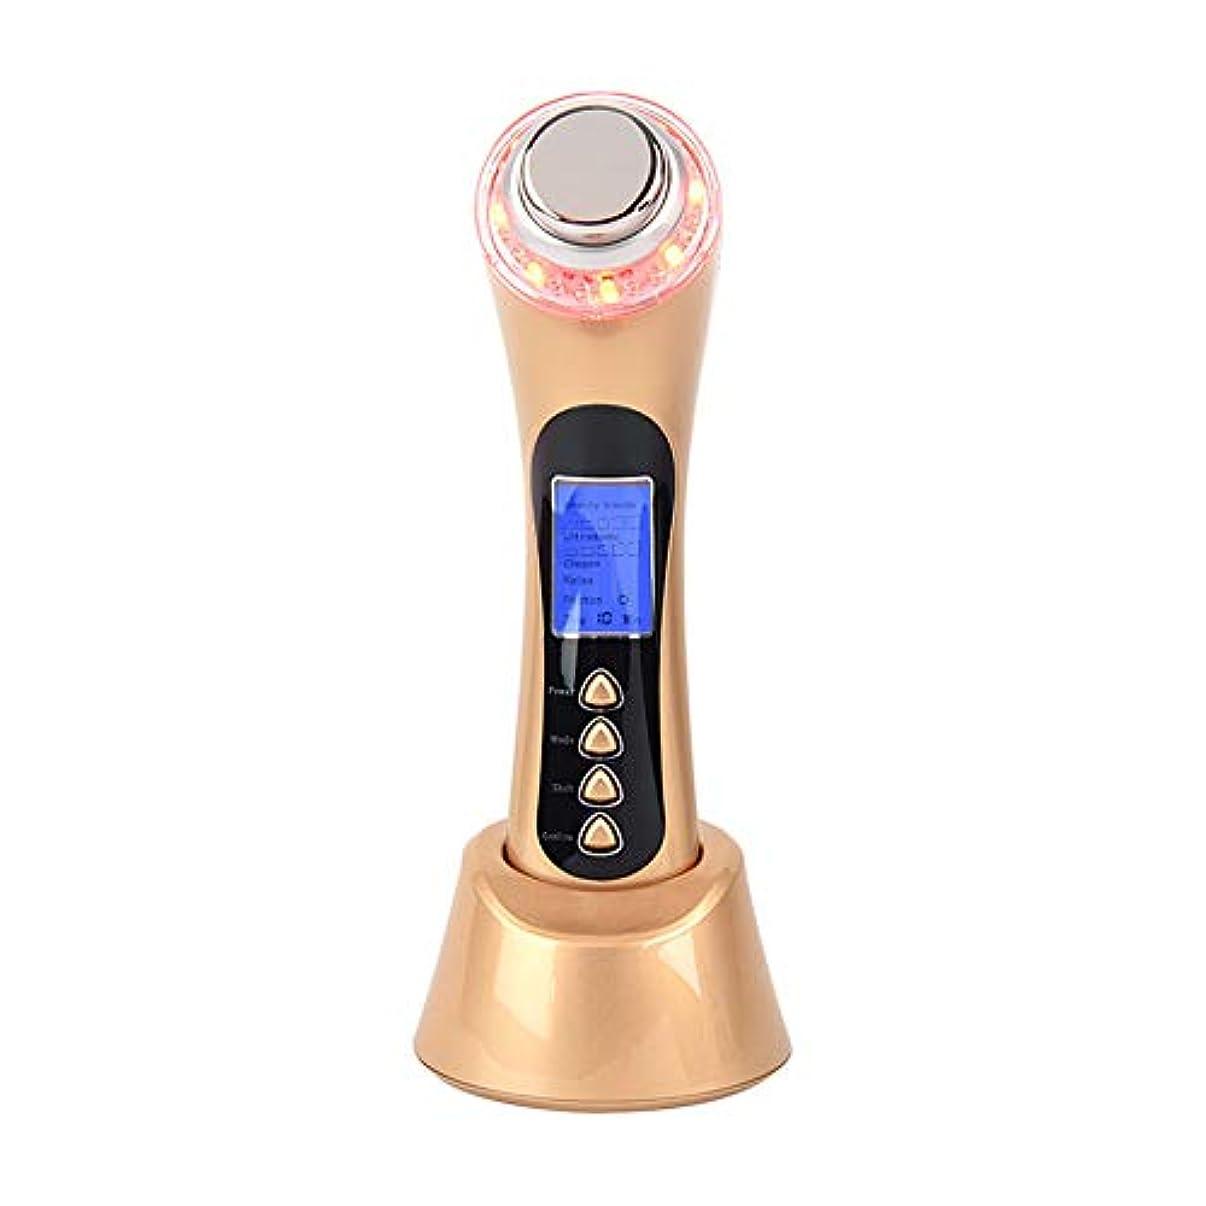 ロードされたキリストるフェイシャルマッサージャー5-in-1イオンクリーナーと赤/青/緑LED光線療法装置により、にきび/にきびのインポート栄養反しわ復活USB充電式